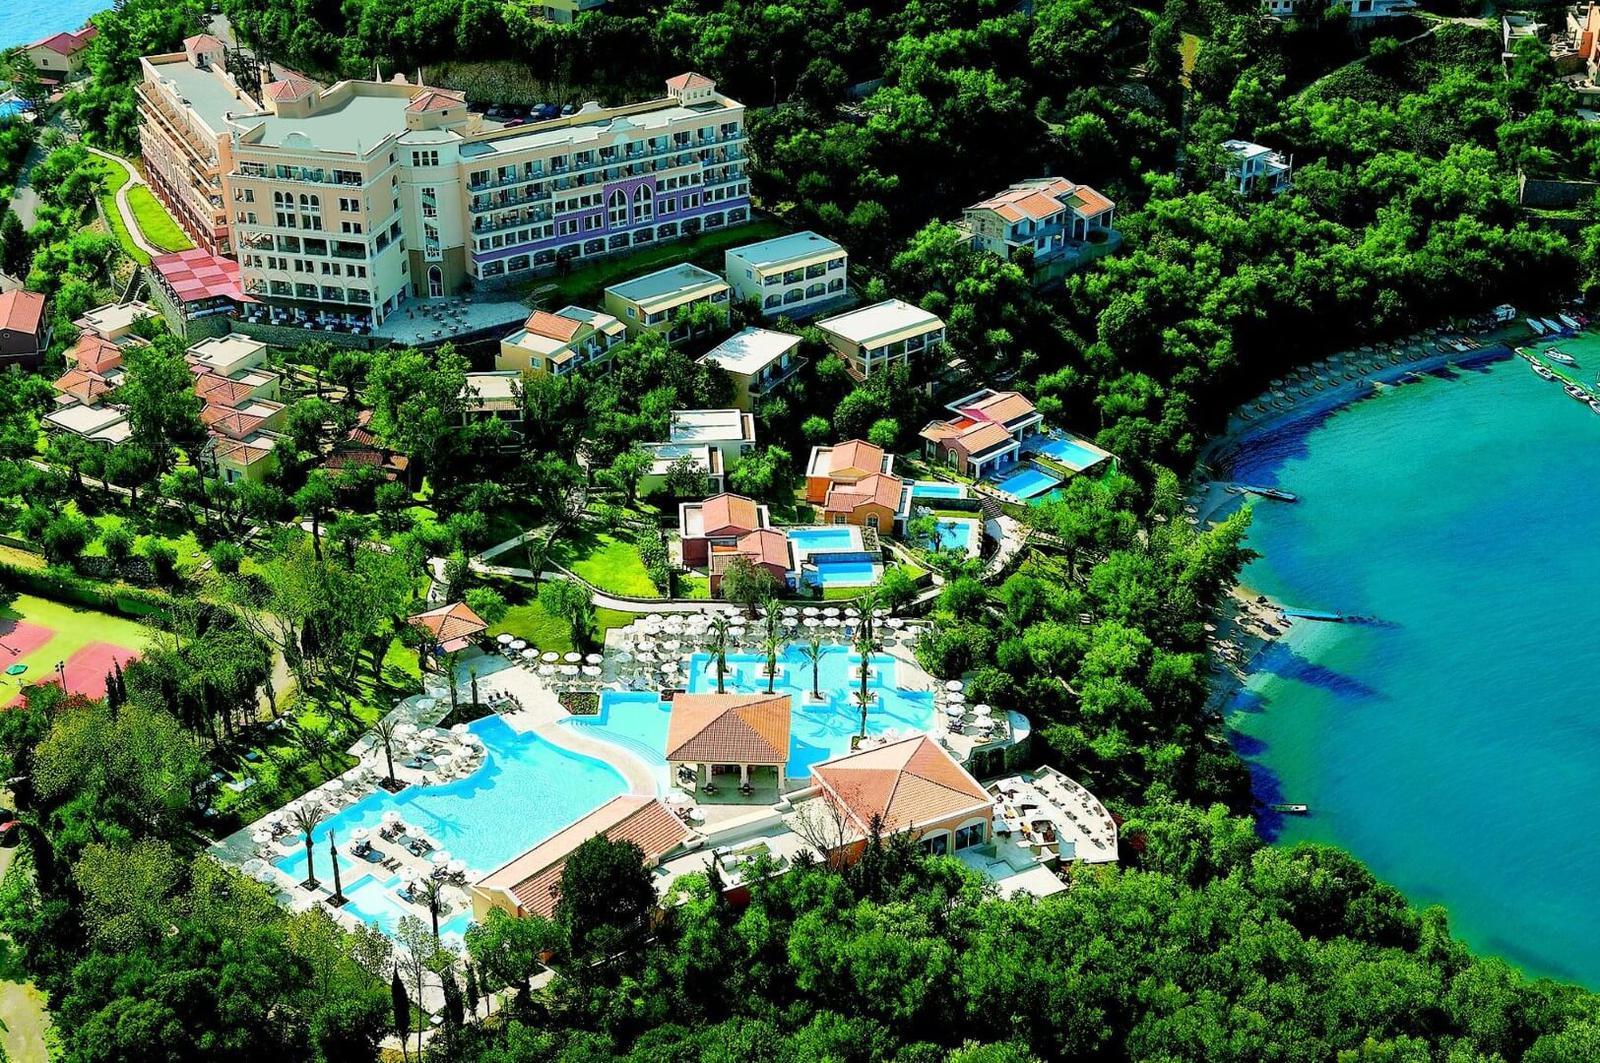 hoteles con piscina en Grecia Grecotel Eva Palace